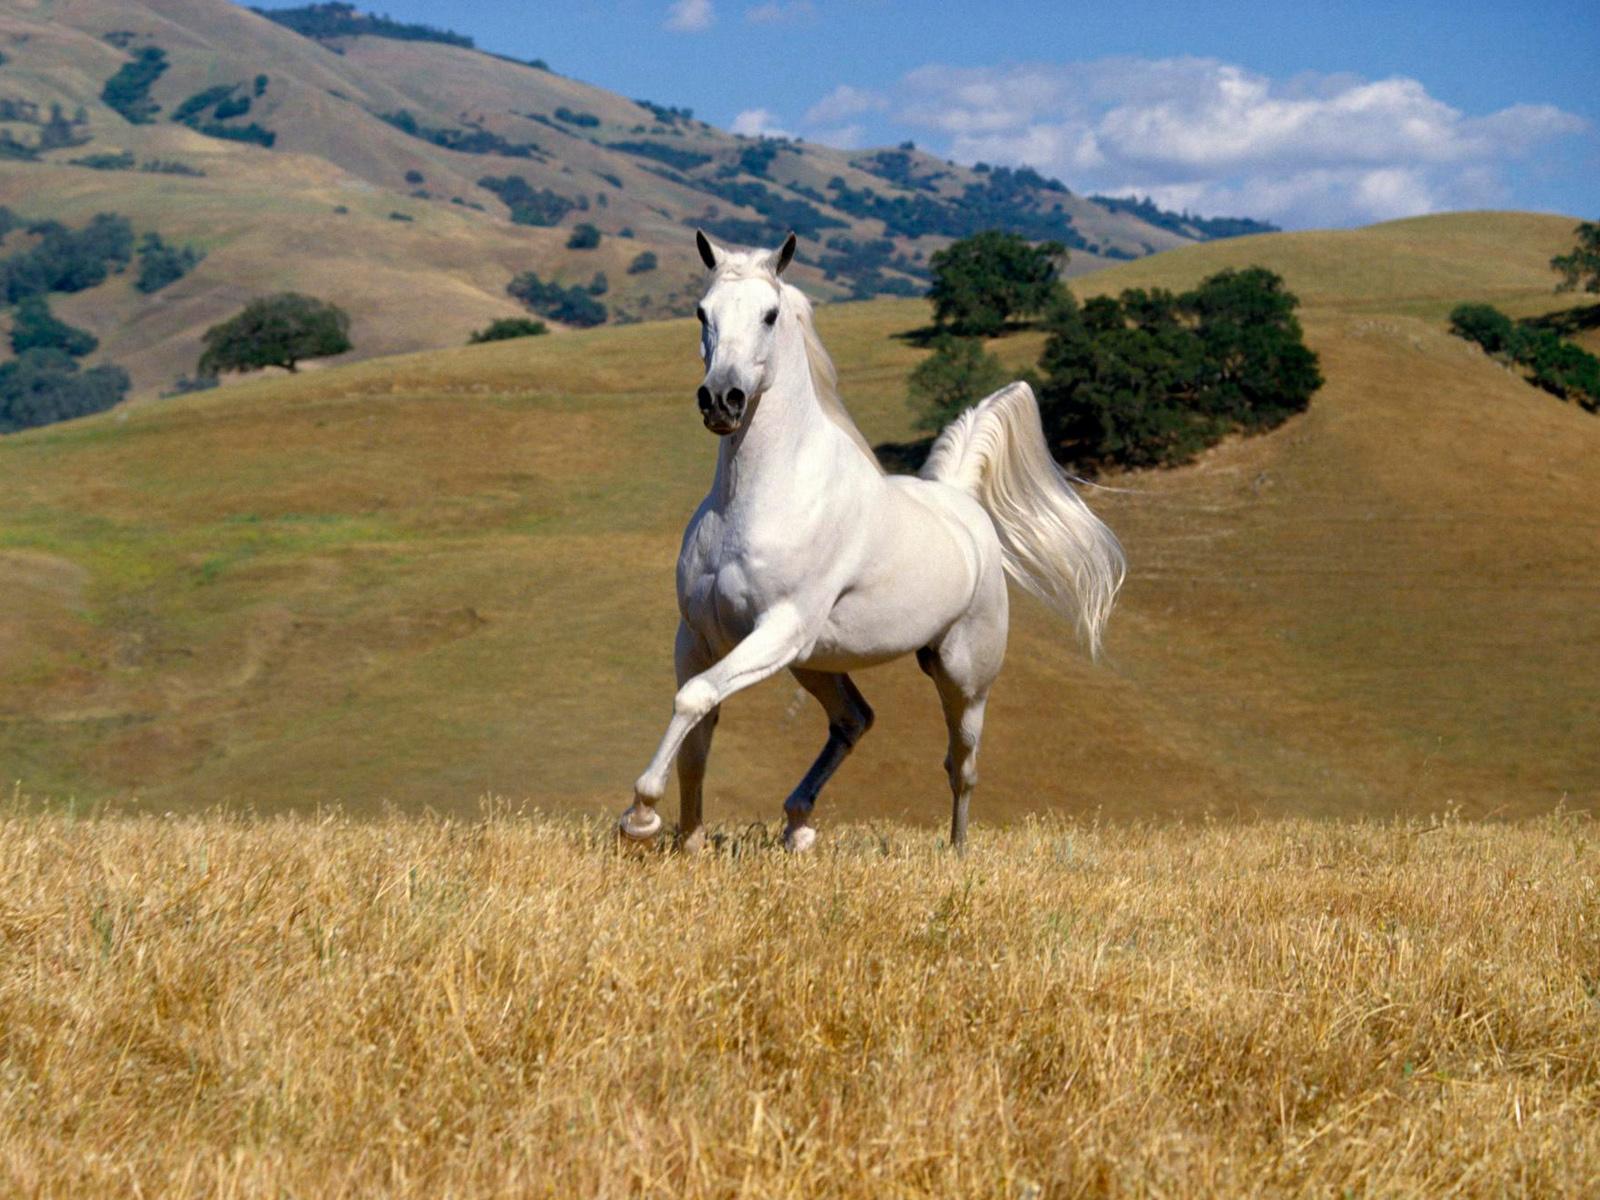 horses wallpaper, horse screensavers,horse computer wallpaper